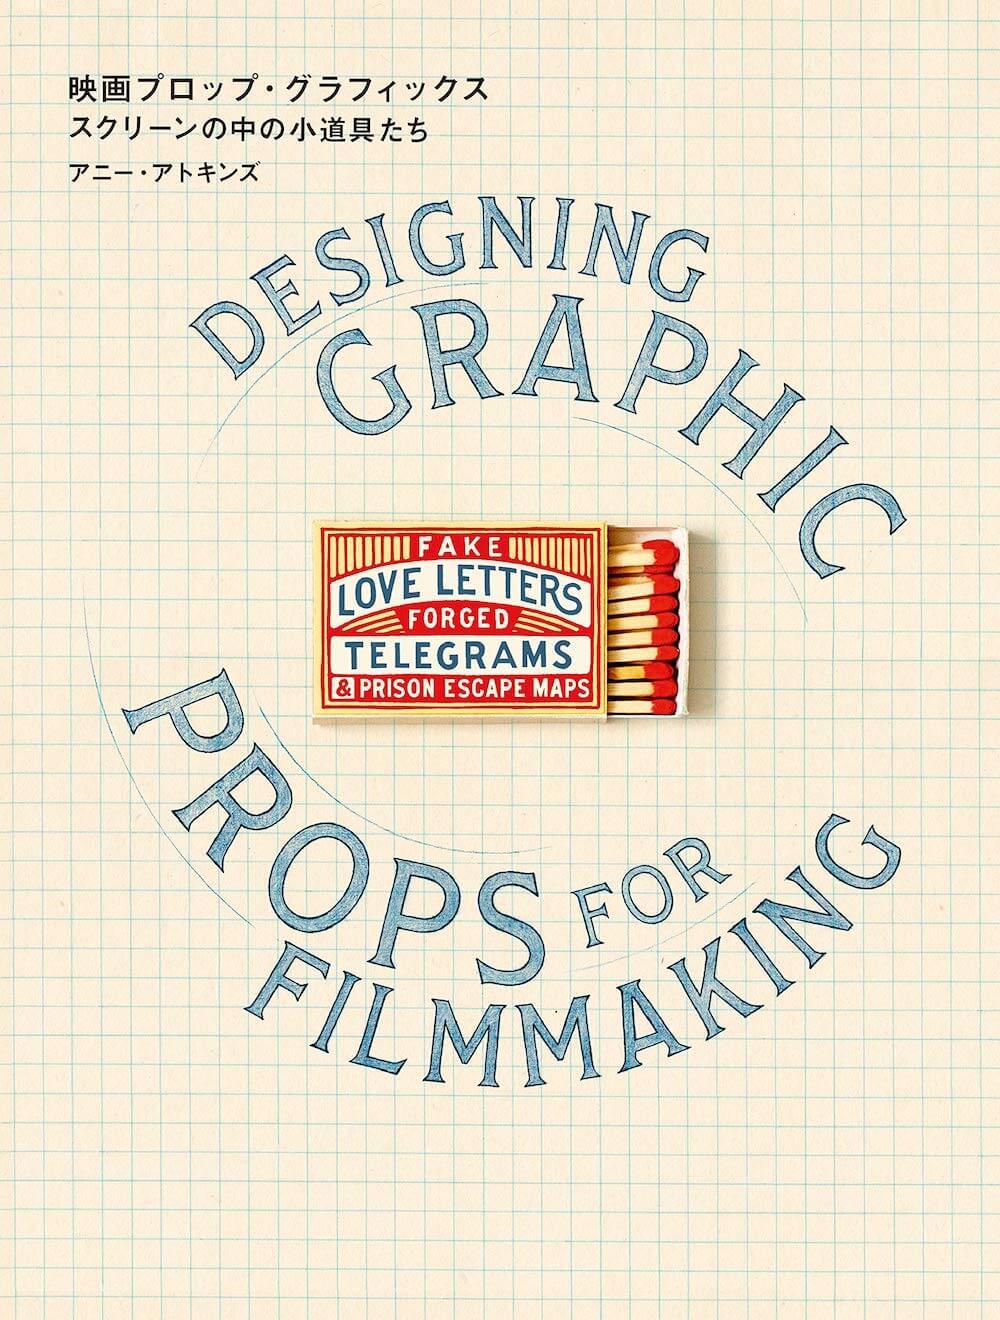 映画プロップ・グラフィックススクリーンの中の小道具たち